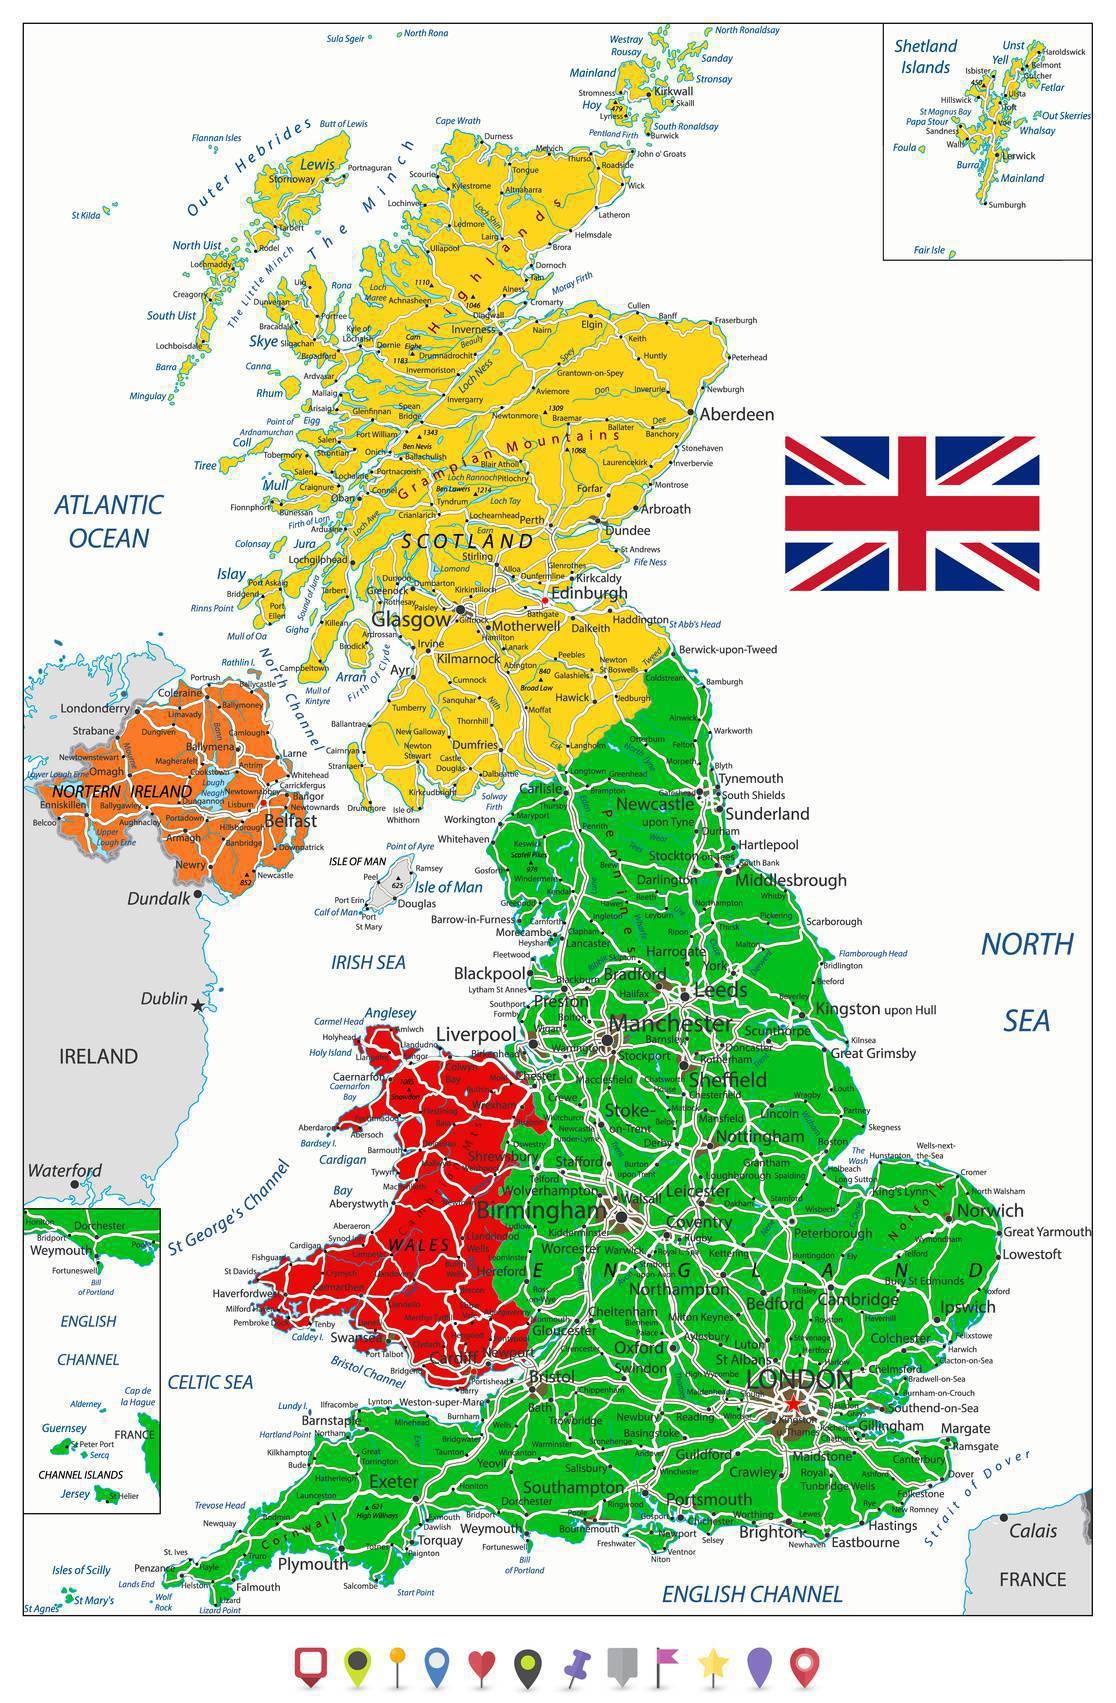 irlande du nord carte Carte de l'Irlande du Nord   Plusieurs carte du pays (villes